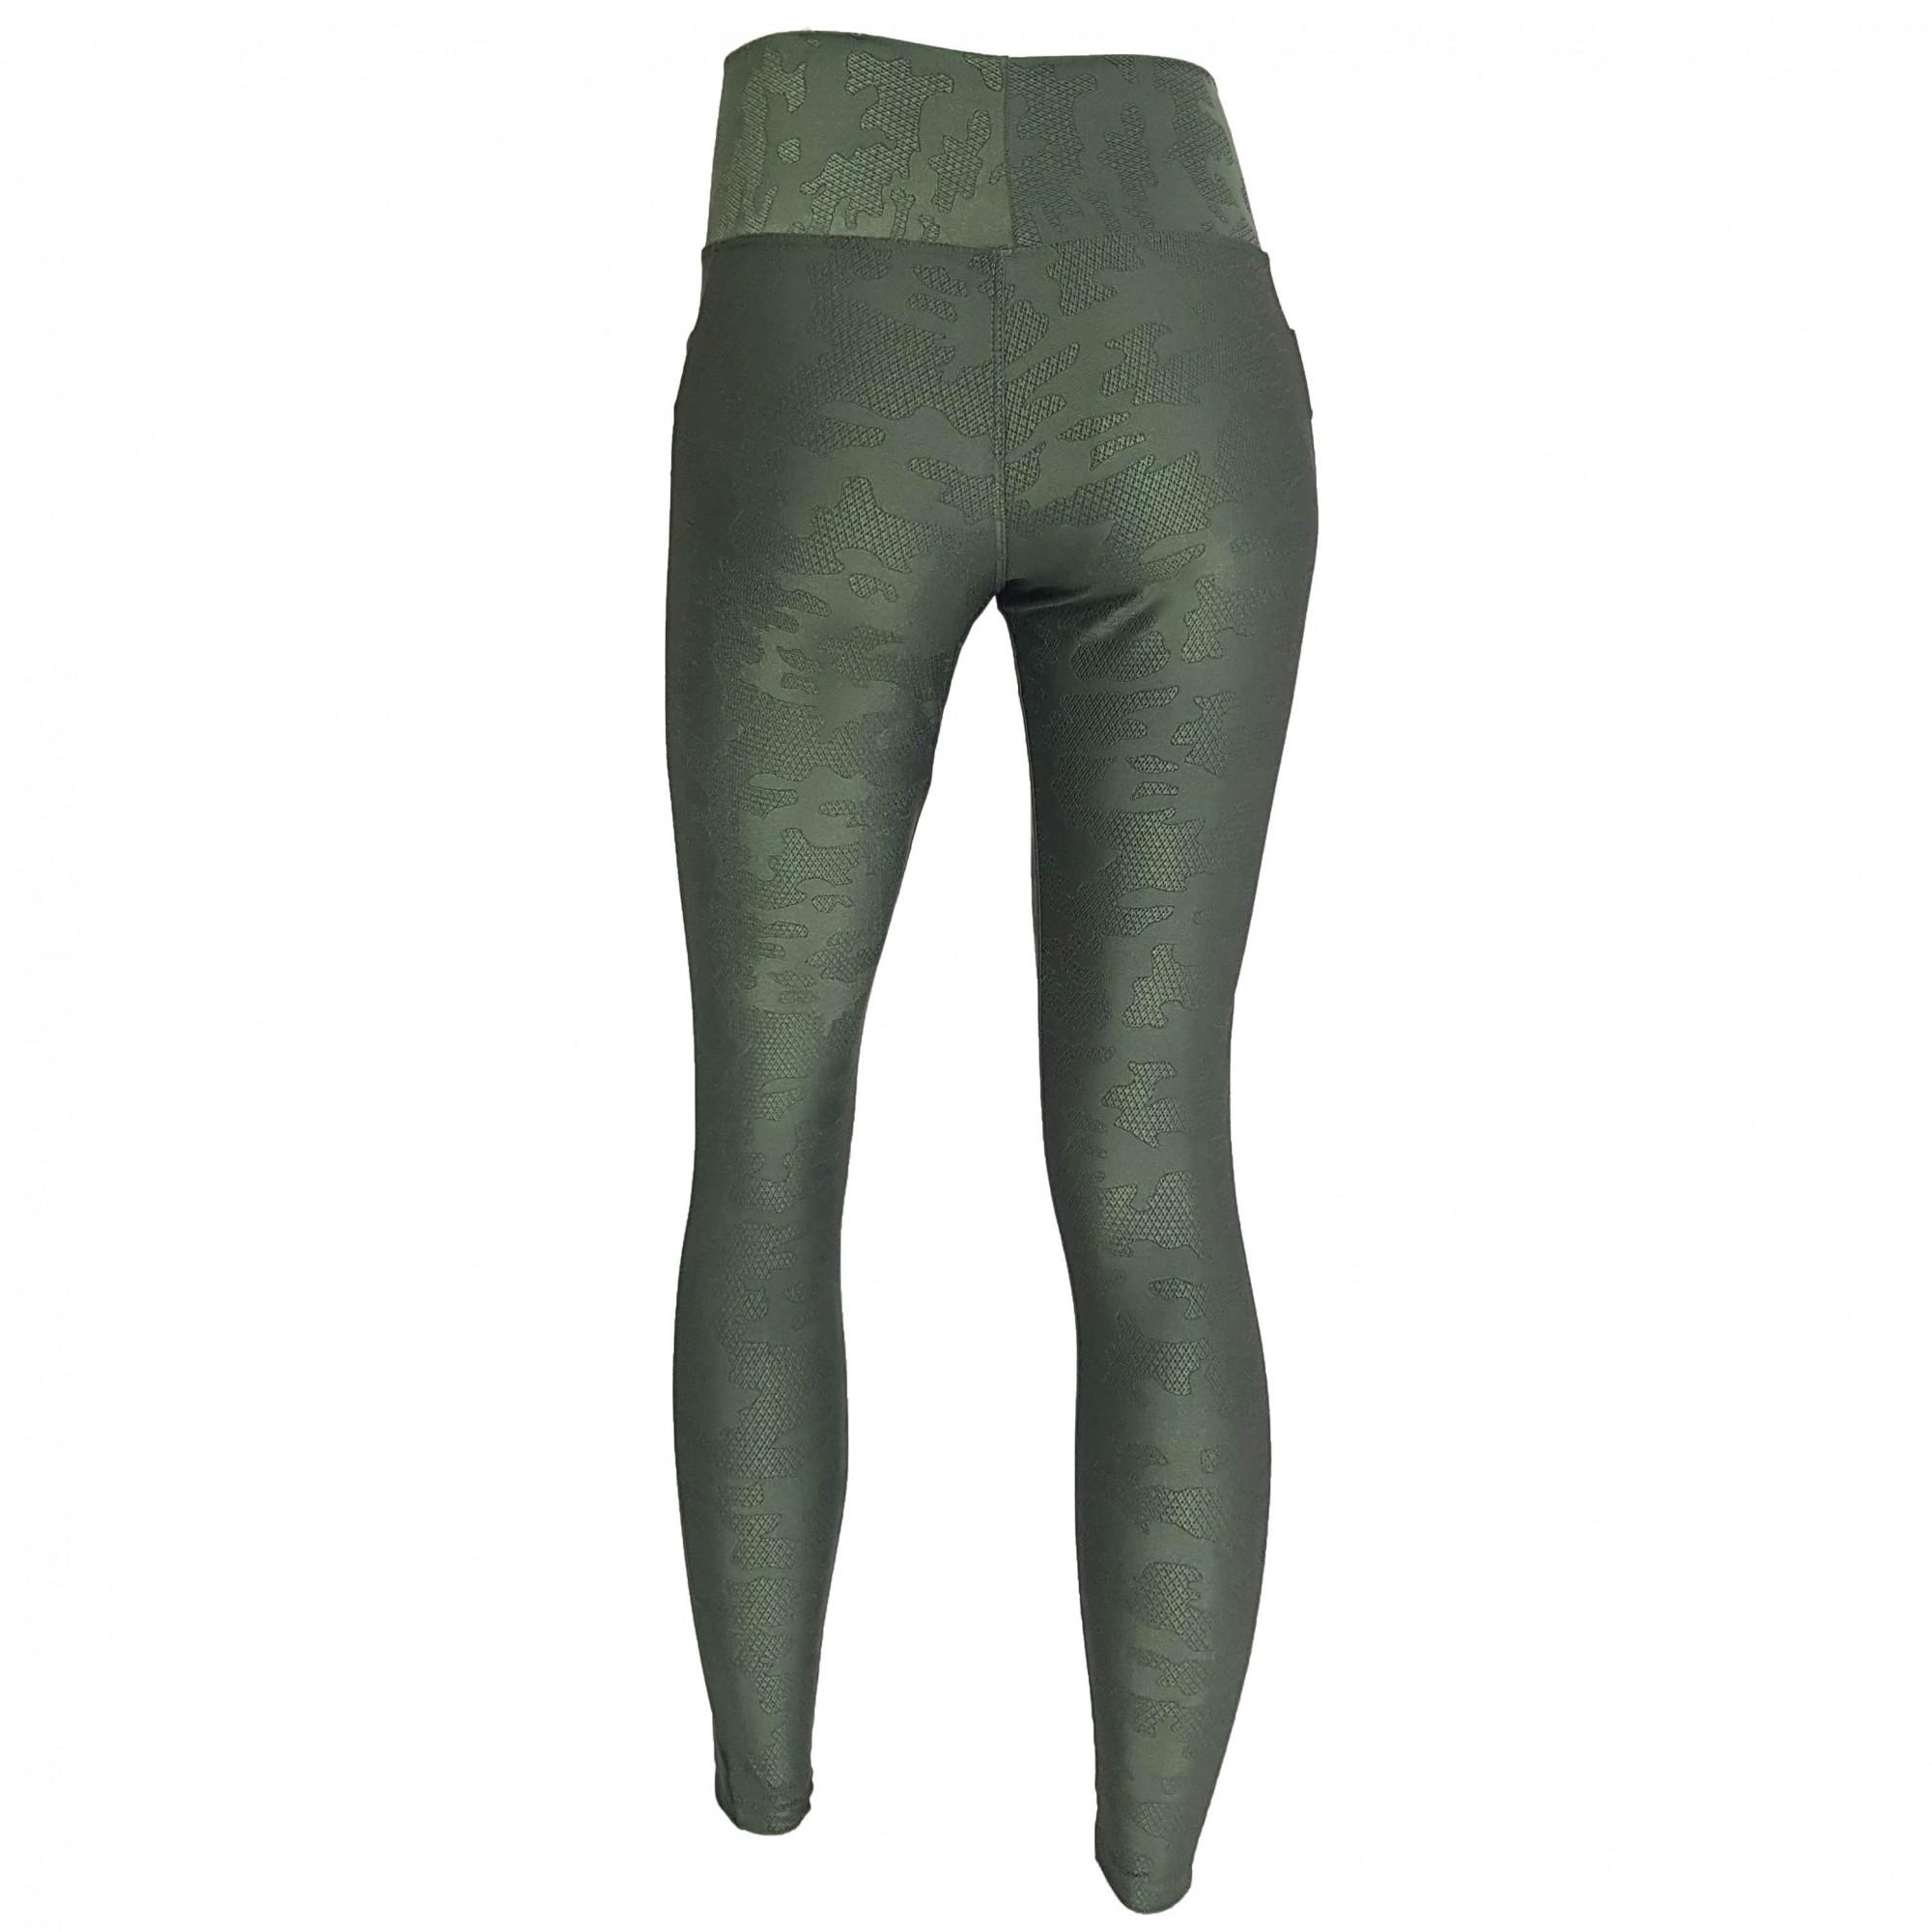 Calça Legging com Cós Largo Verde Militar Camuflado